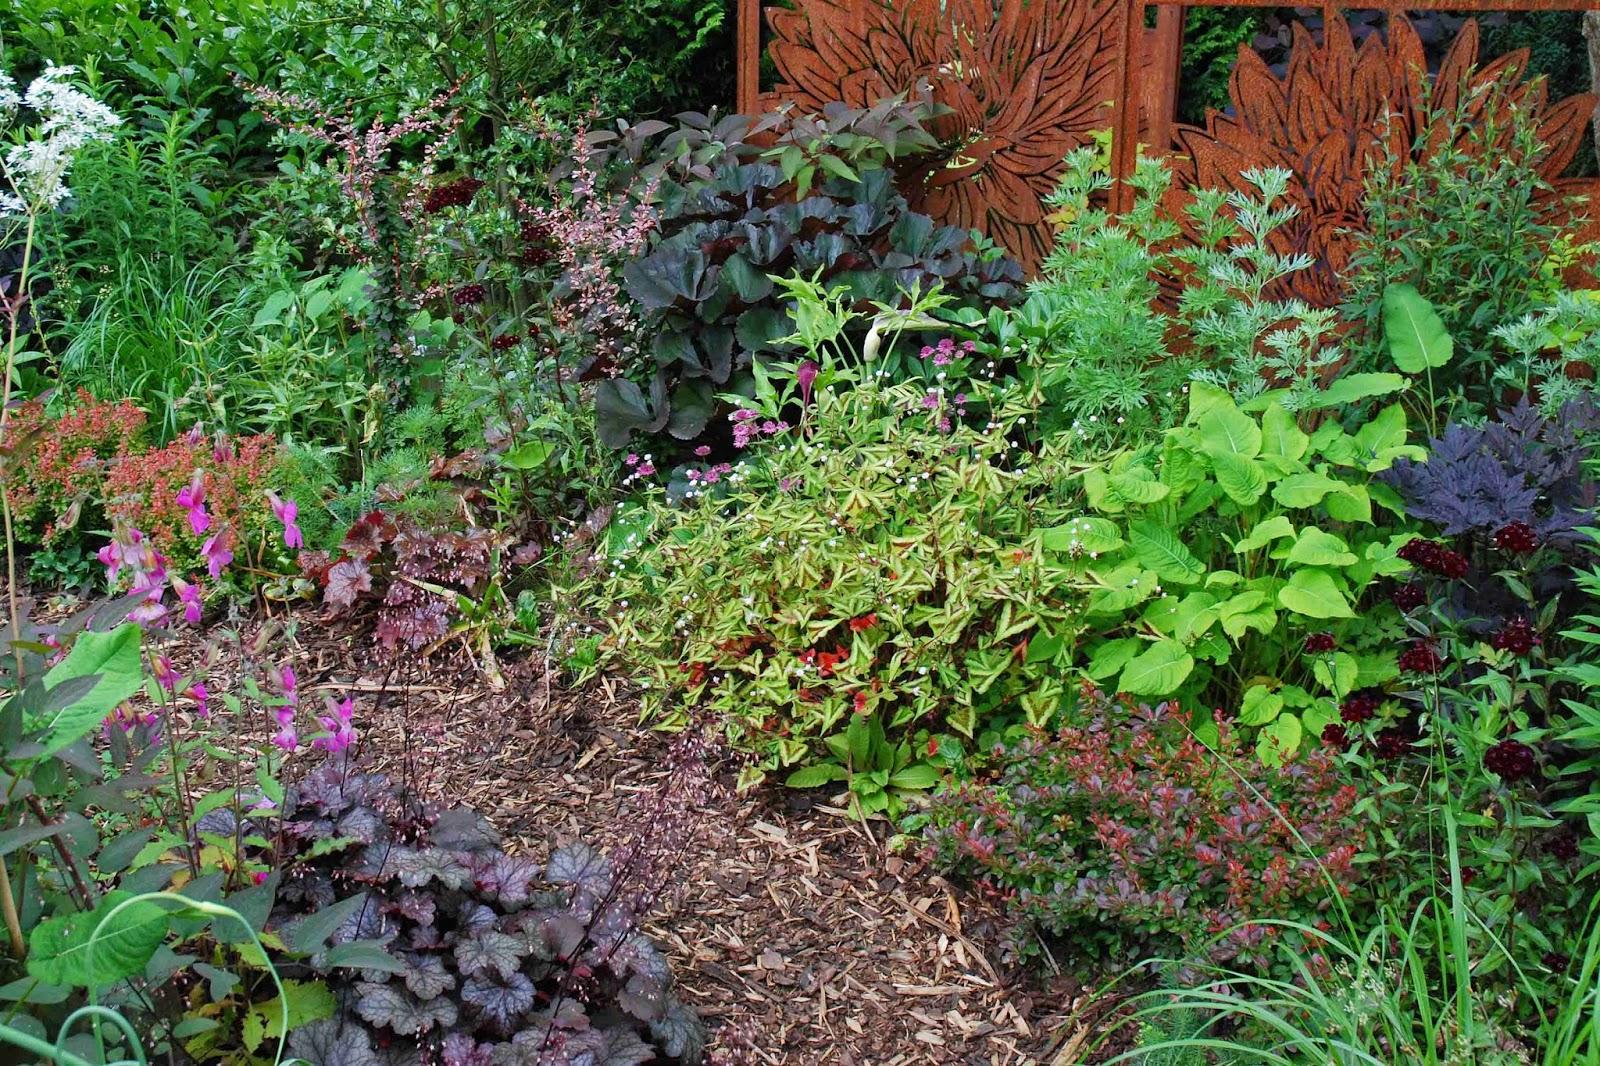 Gartenkunst oder wege nach eden auf der suche nach dem - Wege im garten ...